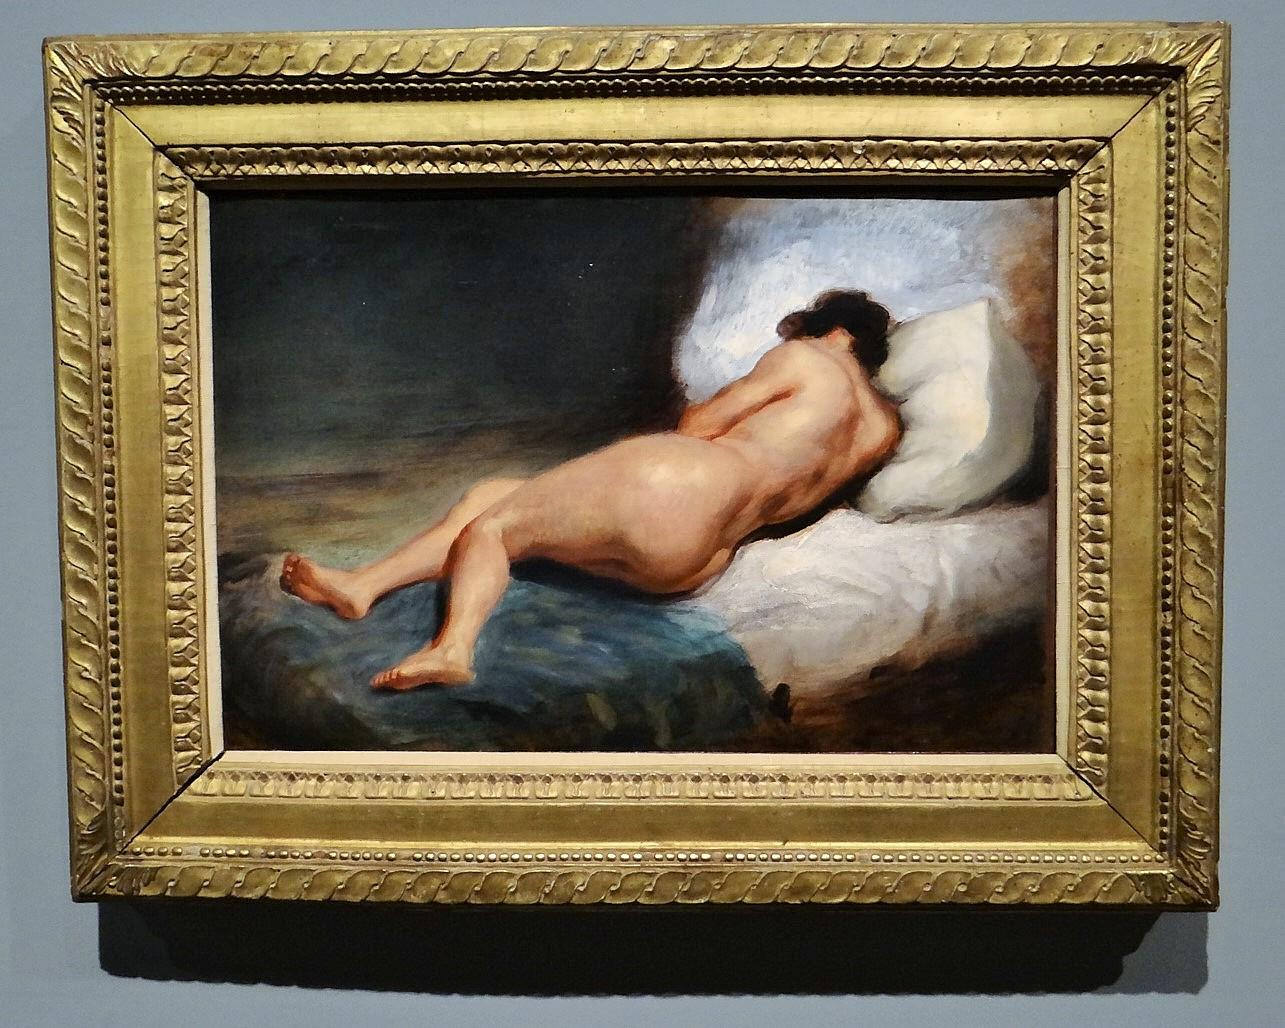 Femme Nue De Dos file:femme nue allongée vue de dos, eugène delacroix (2)